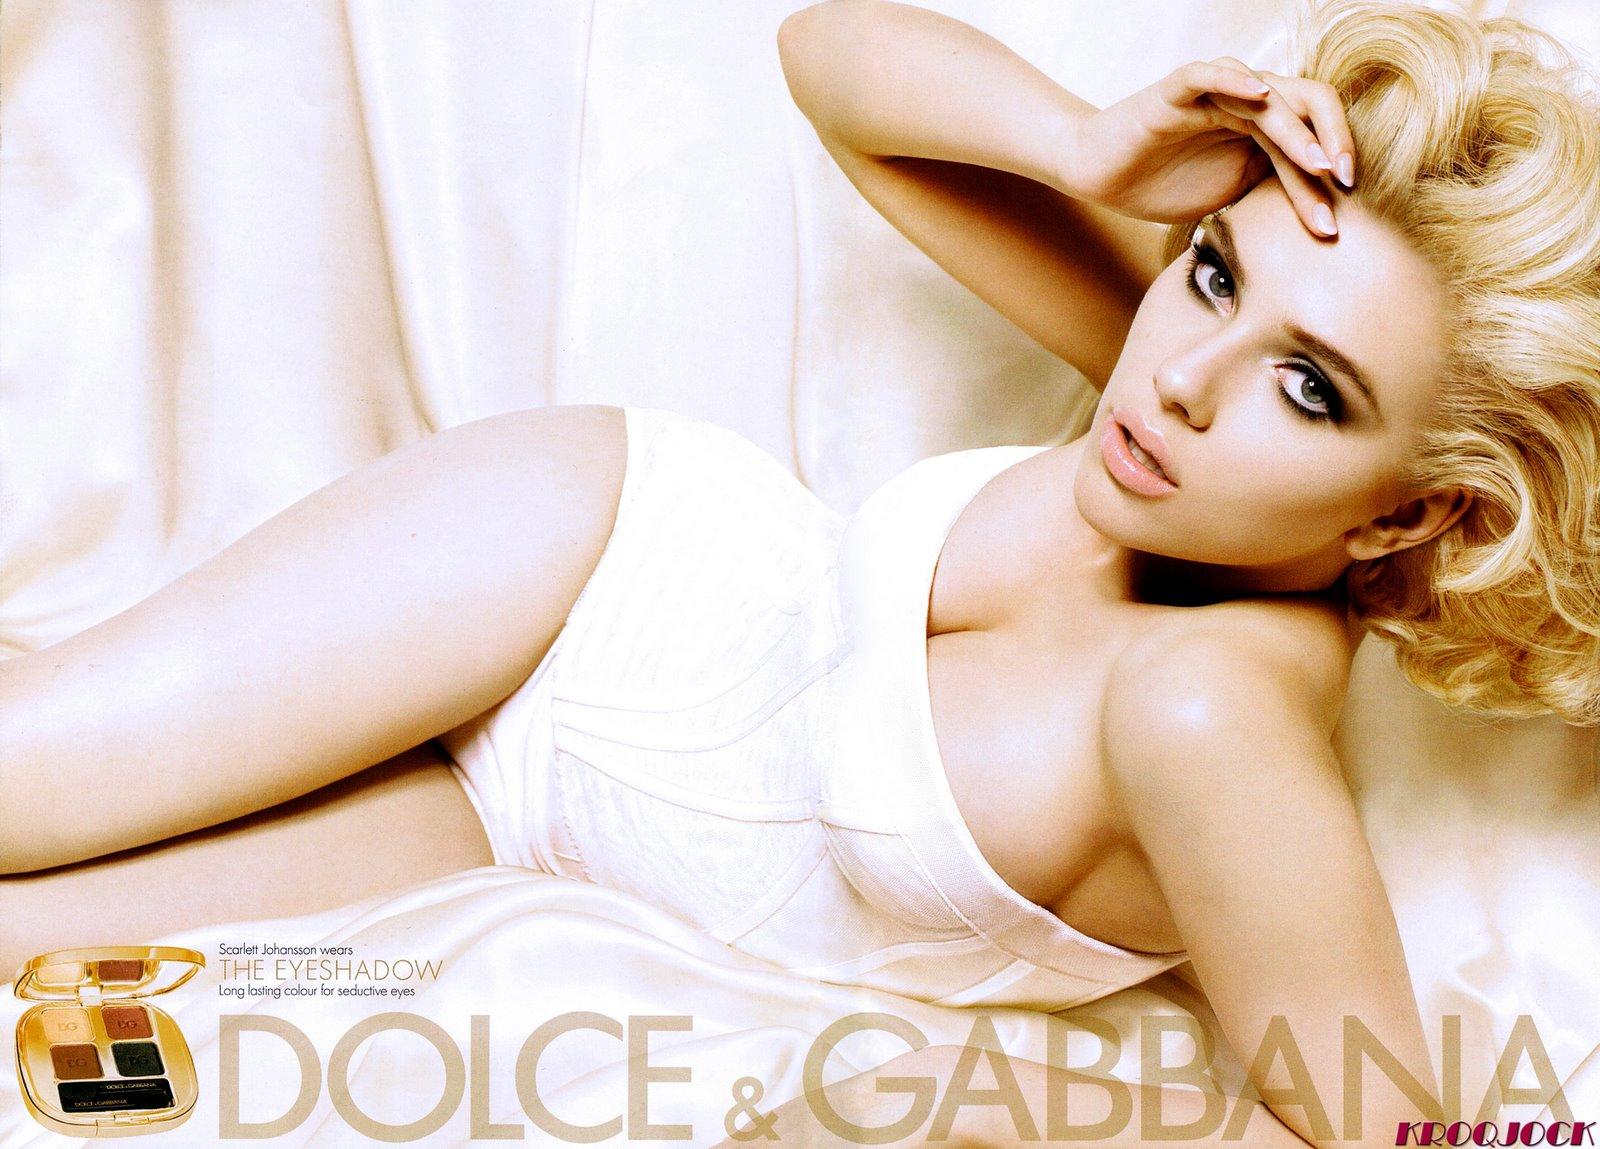 http://3.bp.blogspot.com/-EsJCT7cOkio/UIWxlw90P8I/AAAAAAAADZA/uDO5kzlVxJE/s1600/42387_Scarlett_Johansson_DOLCE_GABBANA_Beauty_2009_Scanned_by_KROQJOCK_UHQ2_122_115lo.jpg